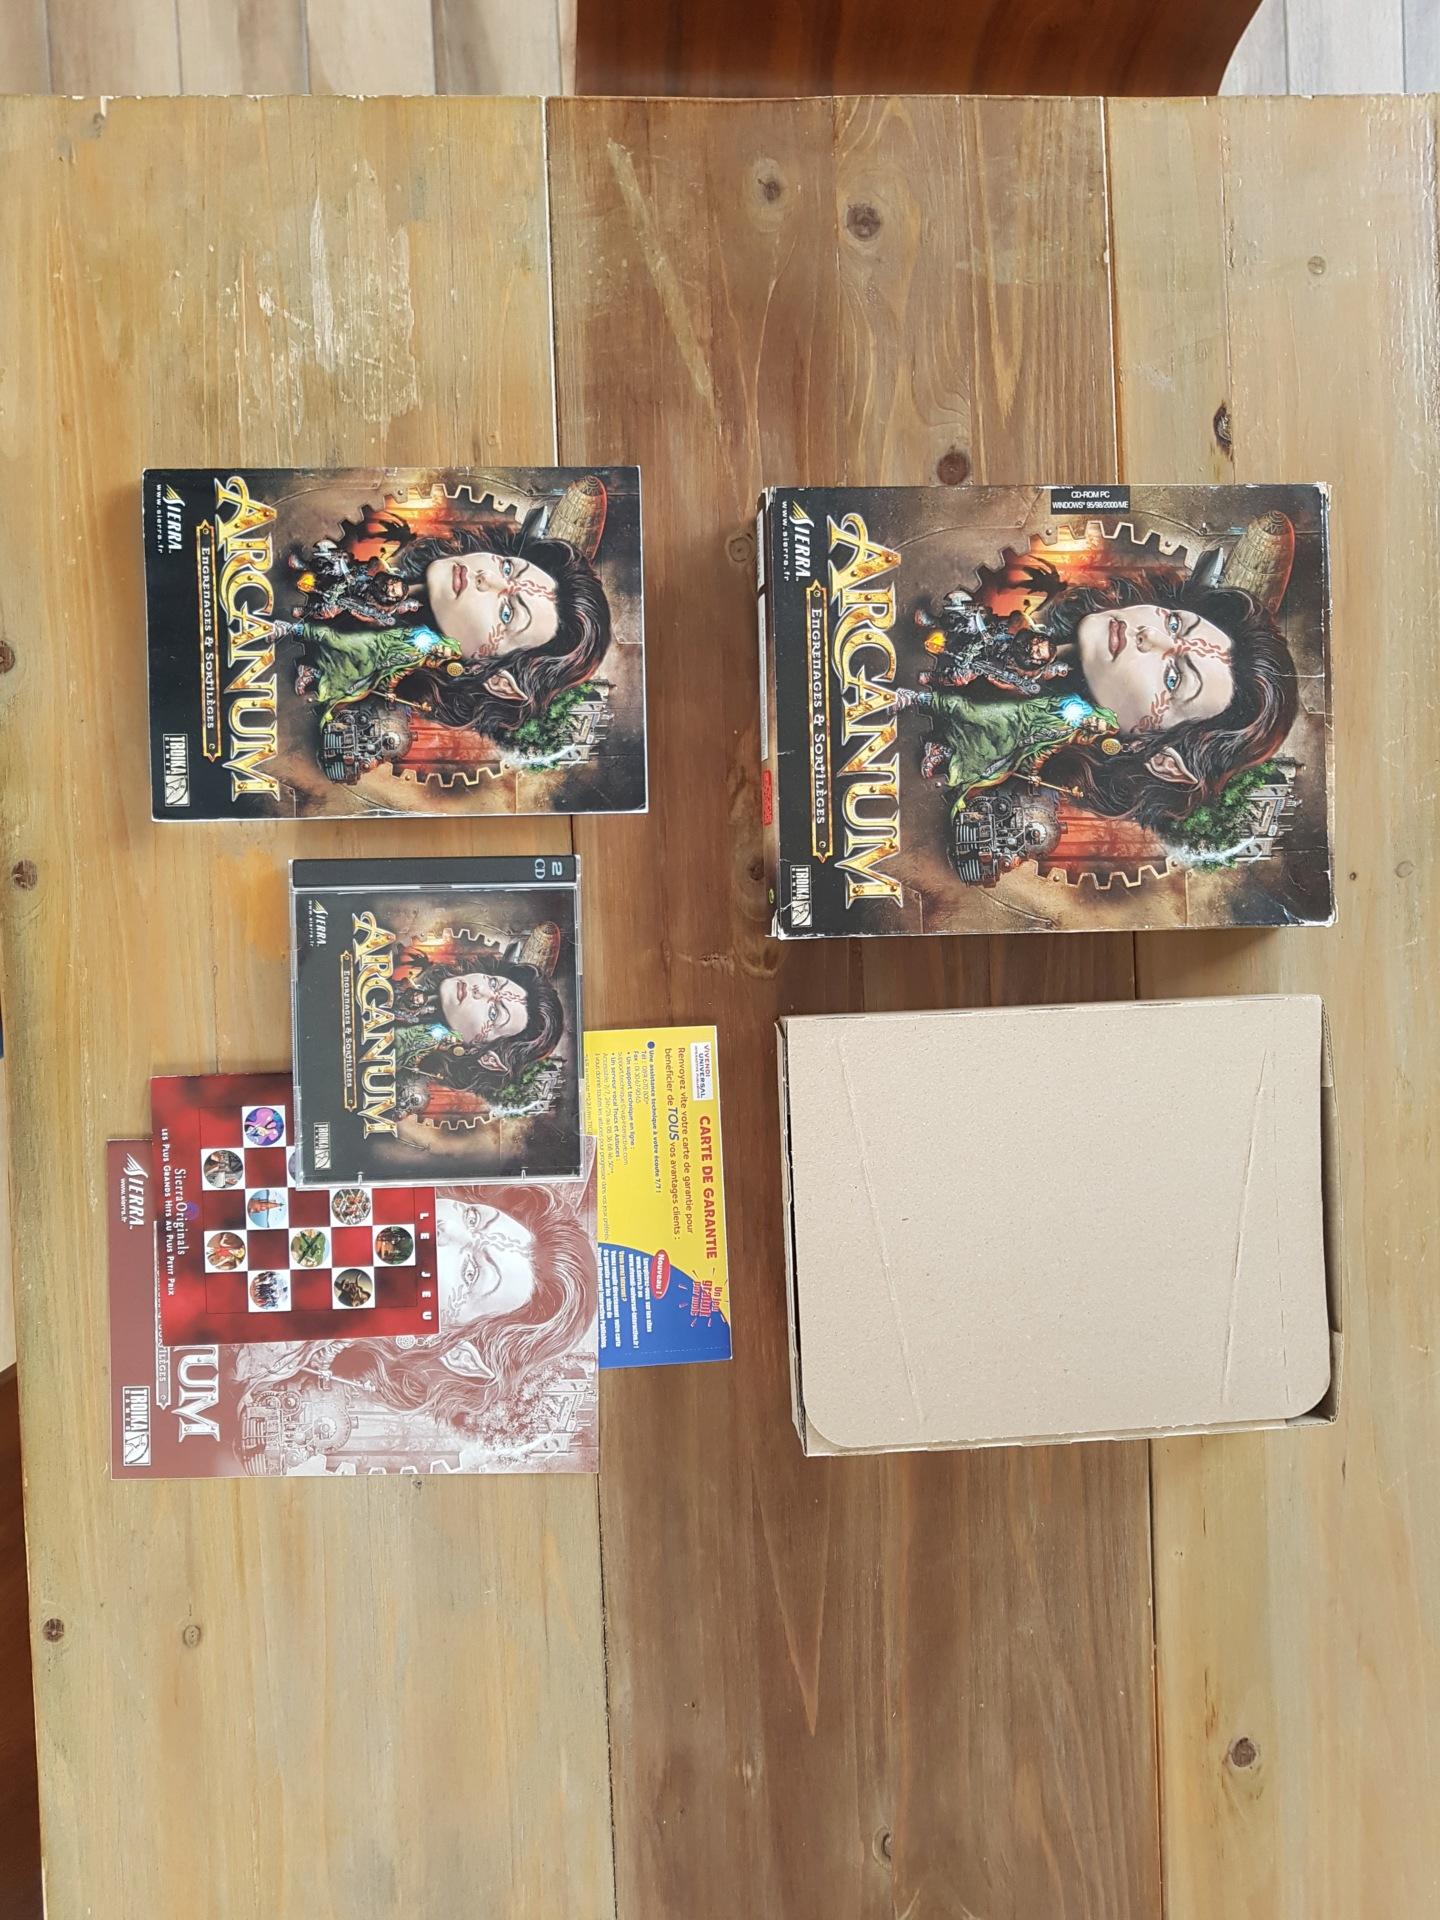 [vds] Jeux PC big box Might & Magic / Arcanum / Oddworld / Zork Nemesis / King's quest / Diablo II + extension etc...... 20200115